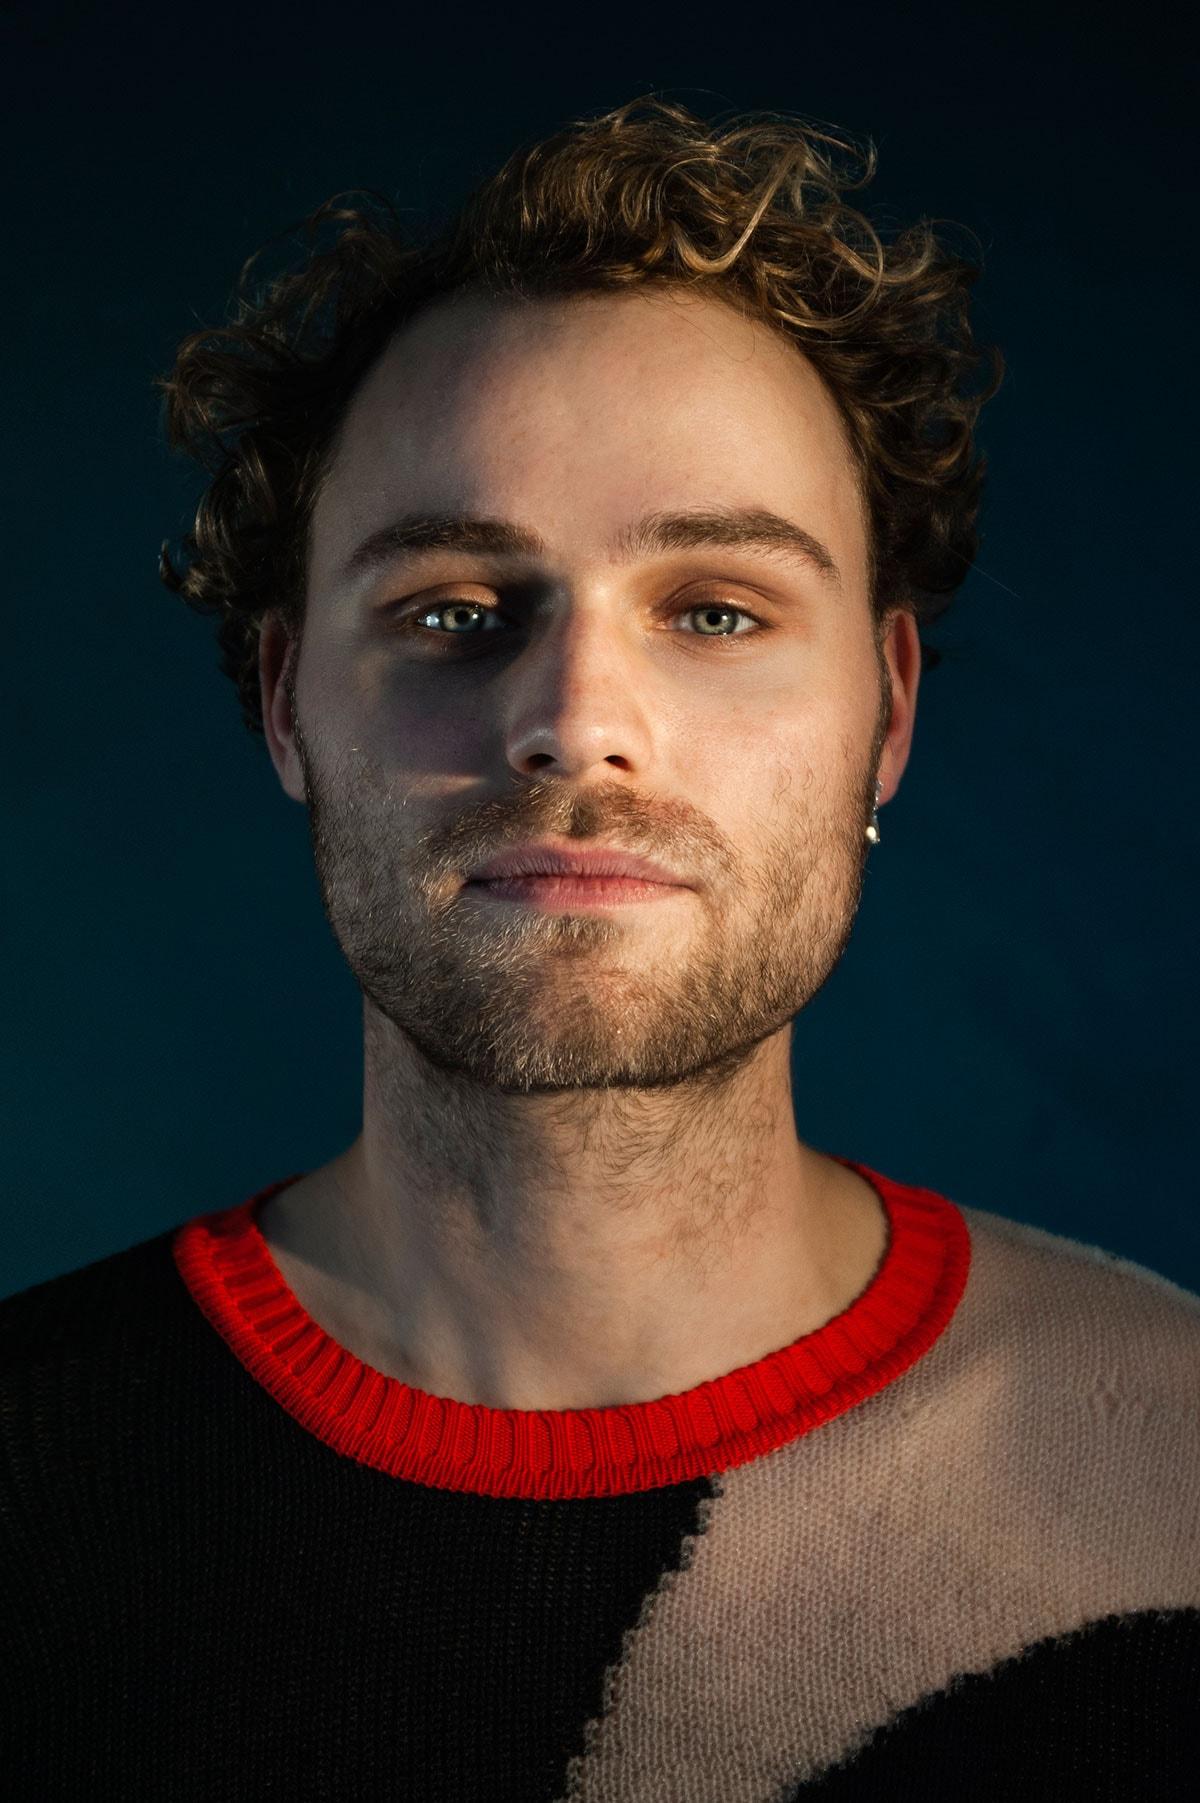 Ontwerper Diek Pothoven aangesteld als 'Head of Styling' bij Eurovisie Songfestival 2020